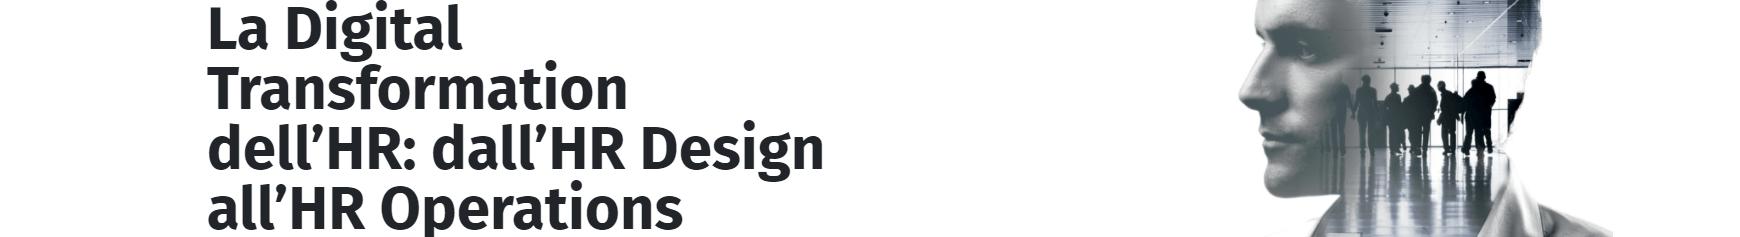 Banner La Gestione Integrata e Digitale delle Risorse Umane: dall'HR Design all'HR Operations